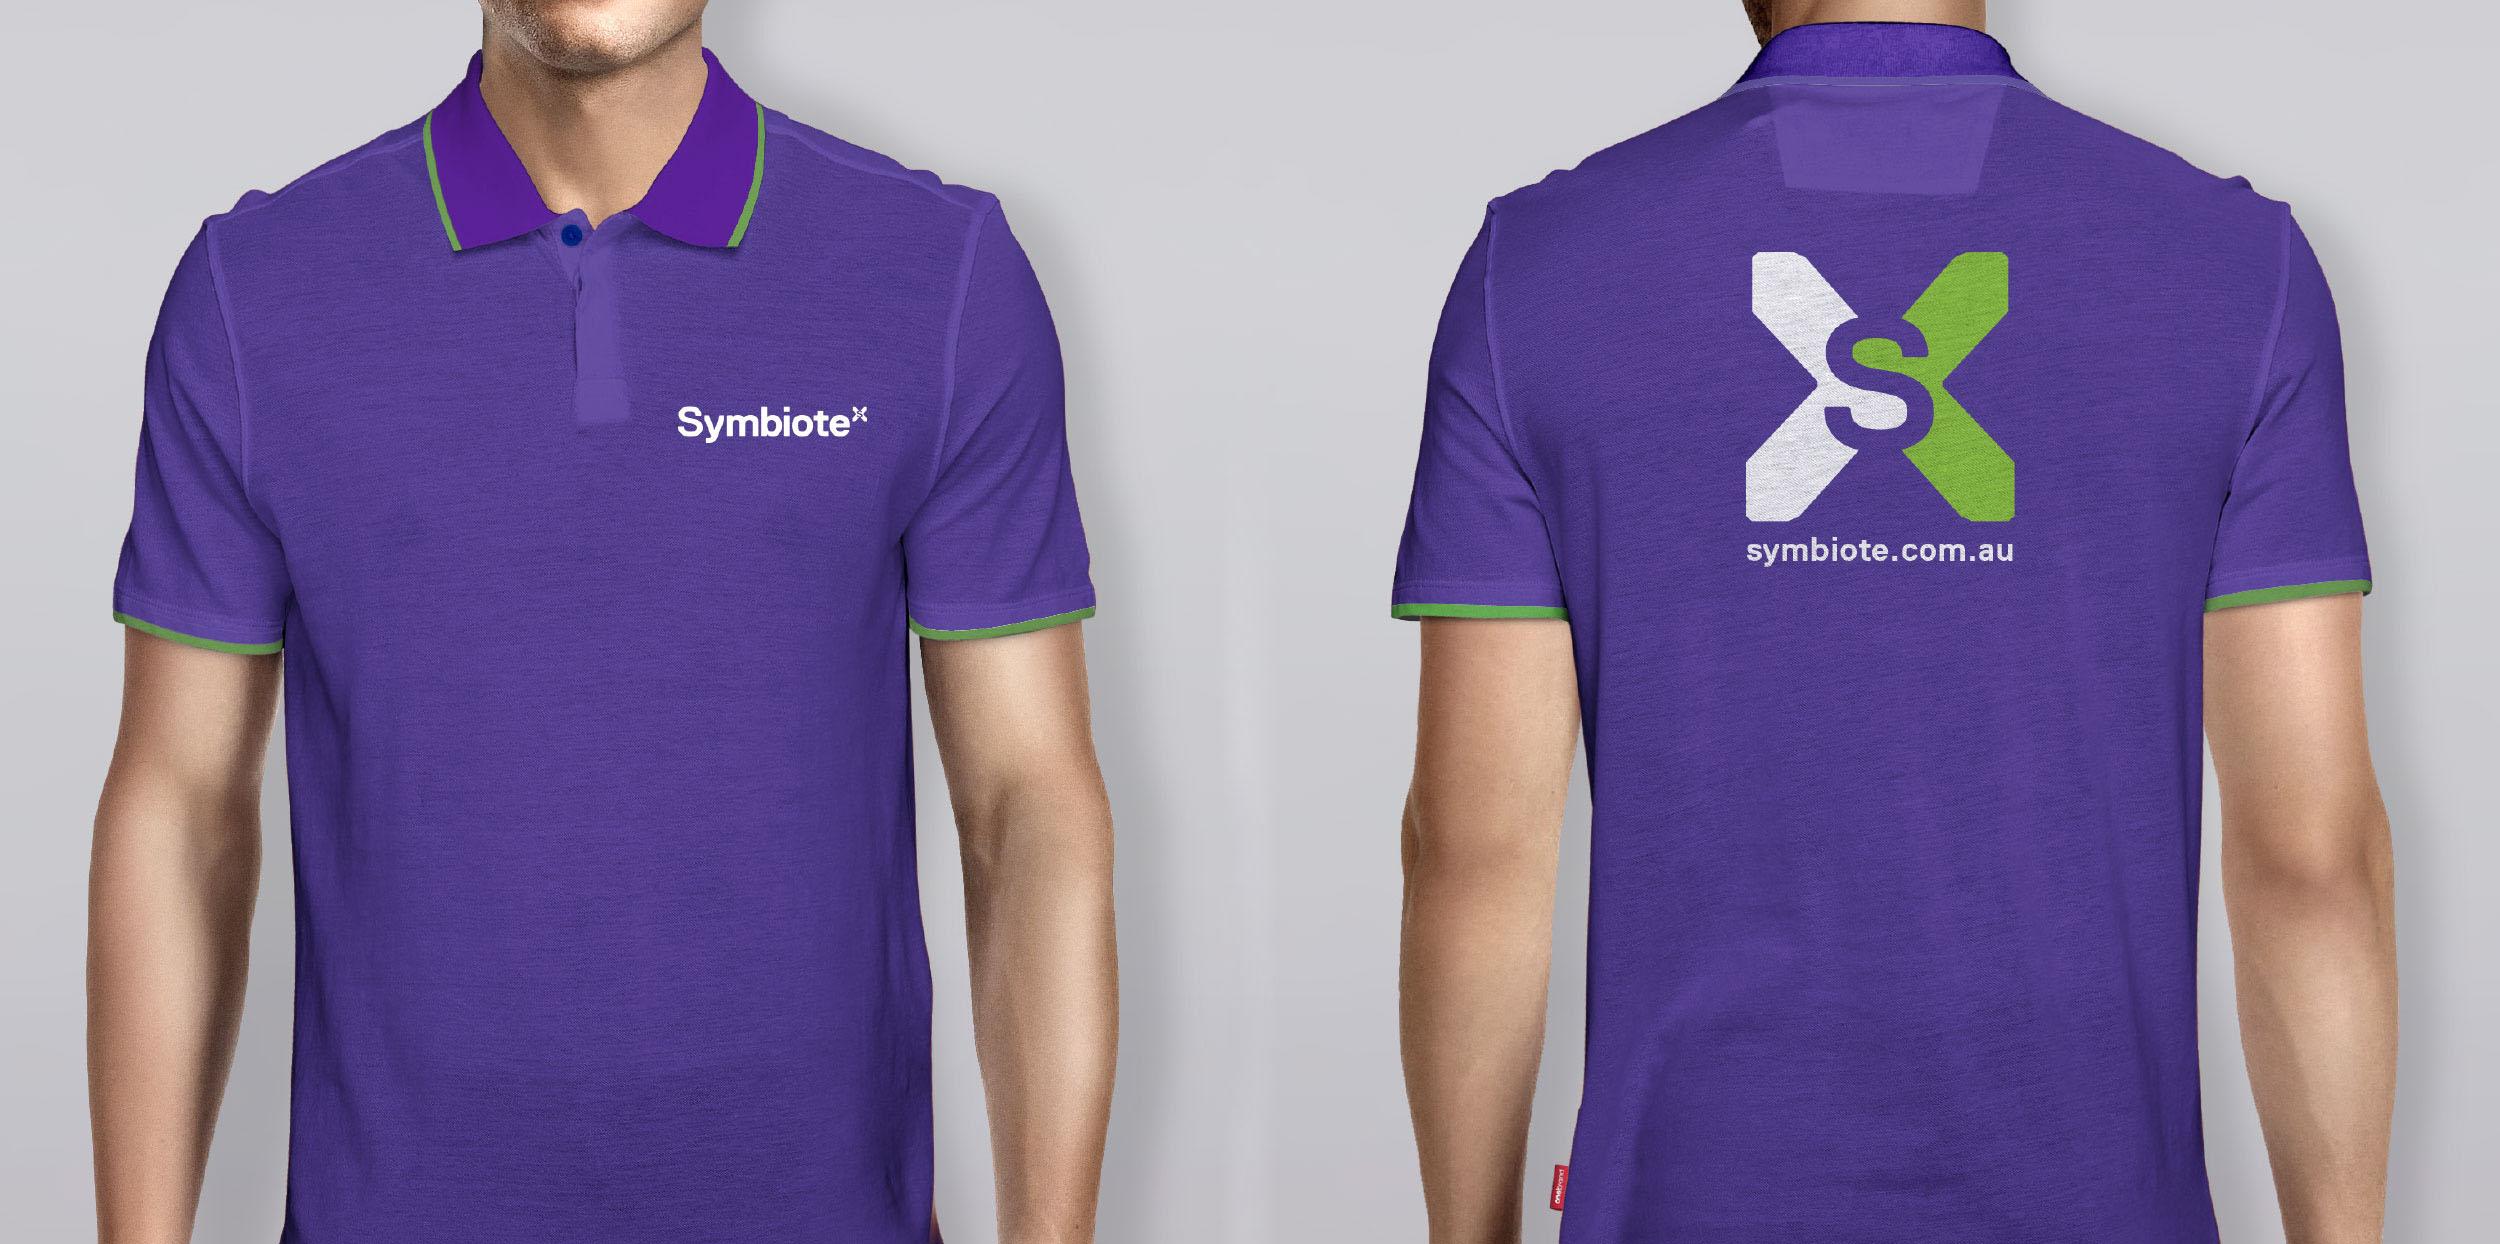 Handle-Sydney-Branding_Guidelines_Branding-Symbiote_08.jpg